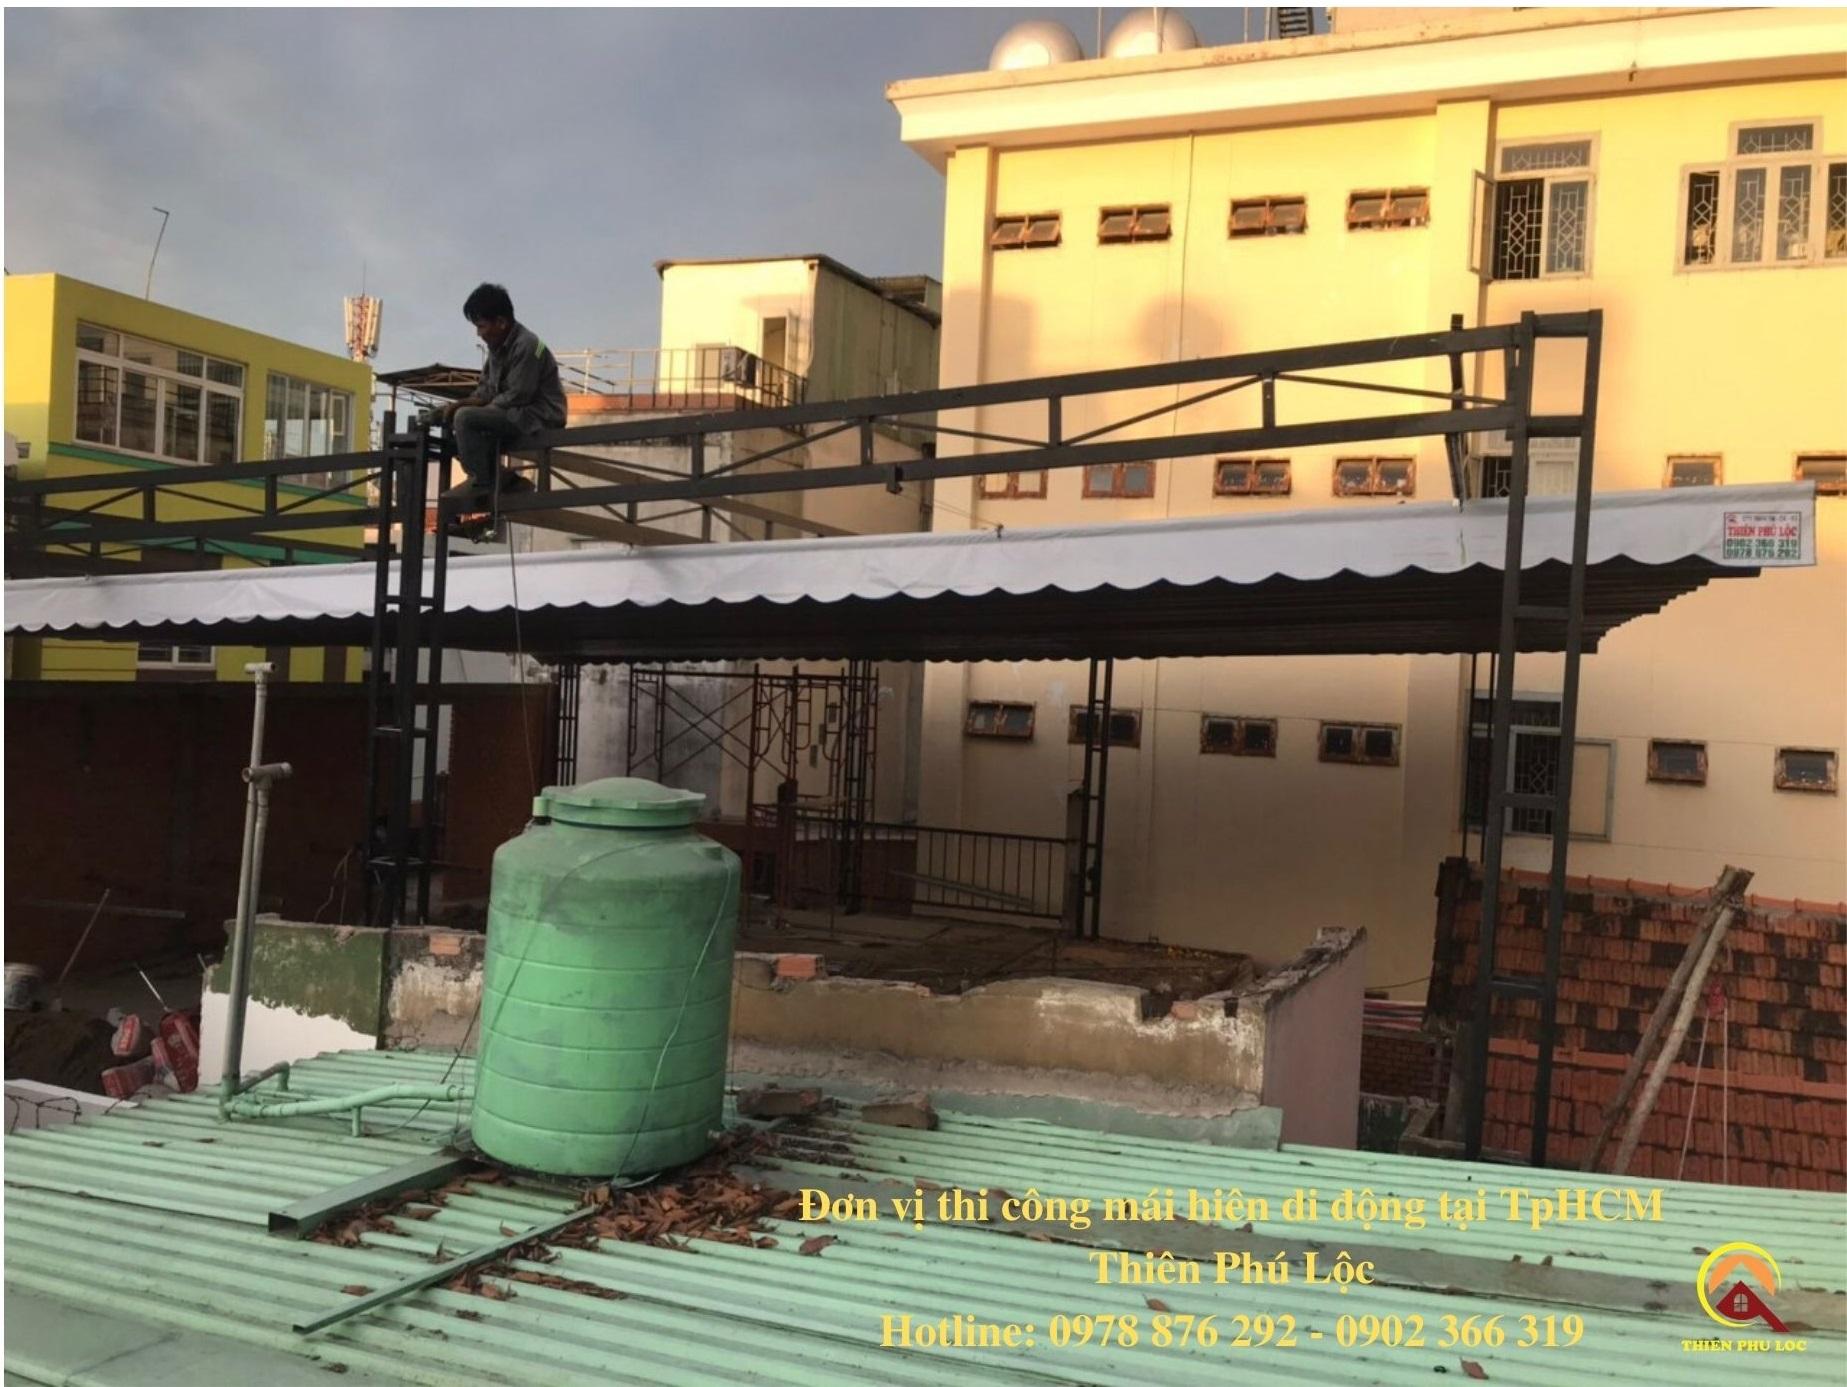 Lắp Đặt Mái Hiên Di Động Tại TpHCM | Đơn Vị Uy Tín & Chất Lượng